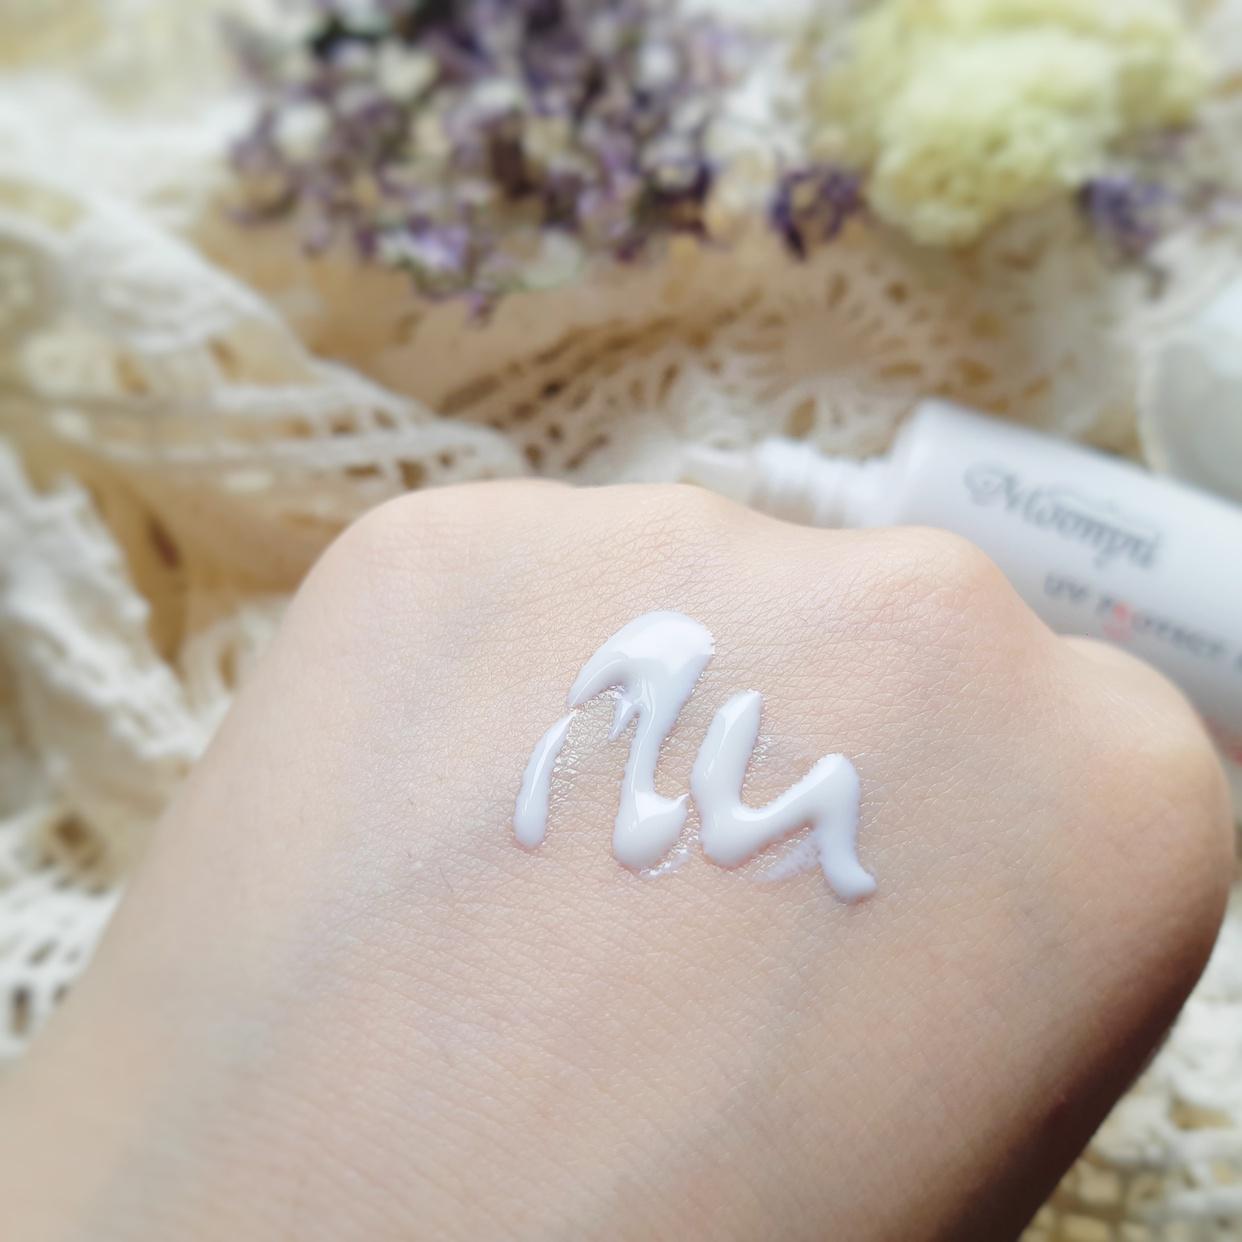 Moonyu(モーニュ) UV プロテクト ミルクを使った銀麦さんのクチコミ画像2